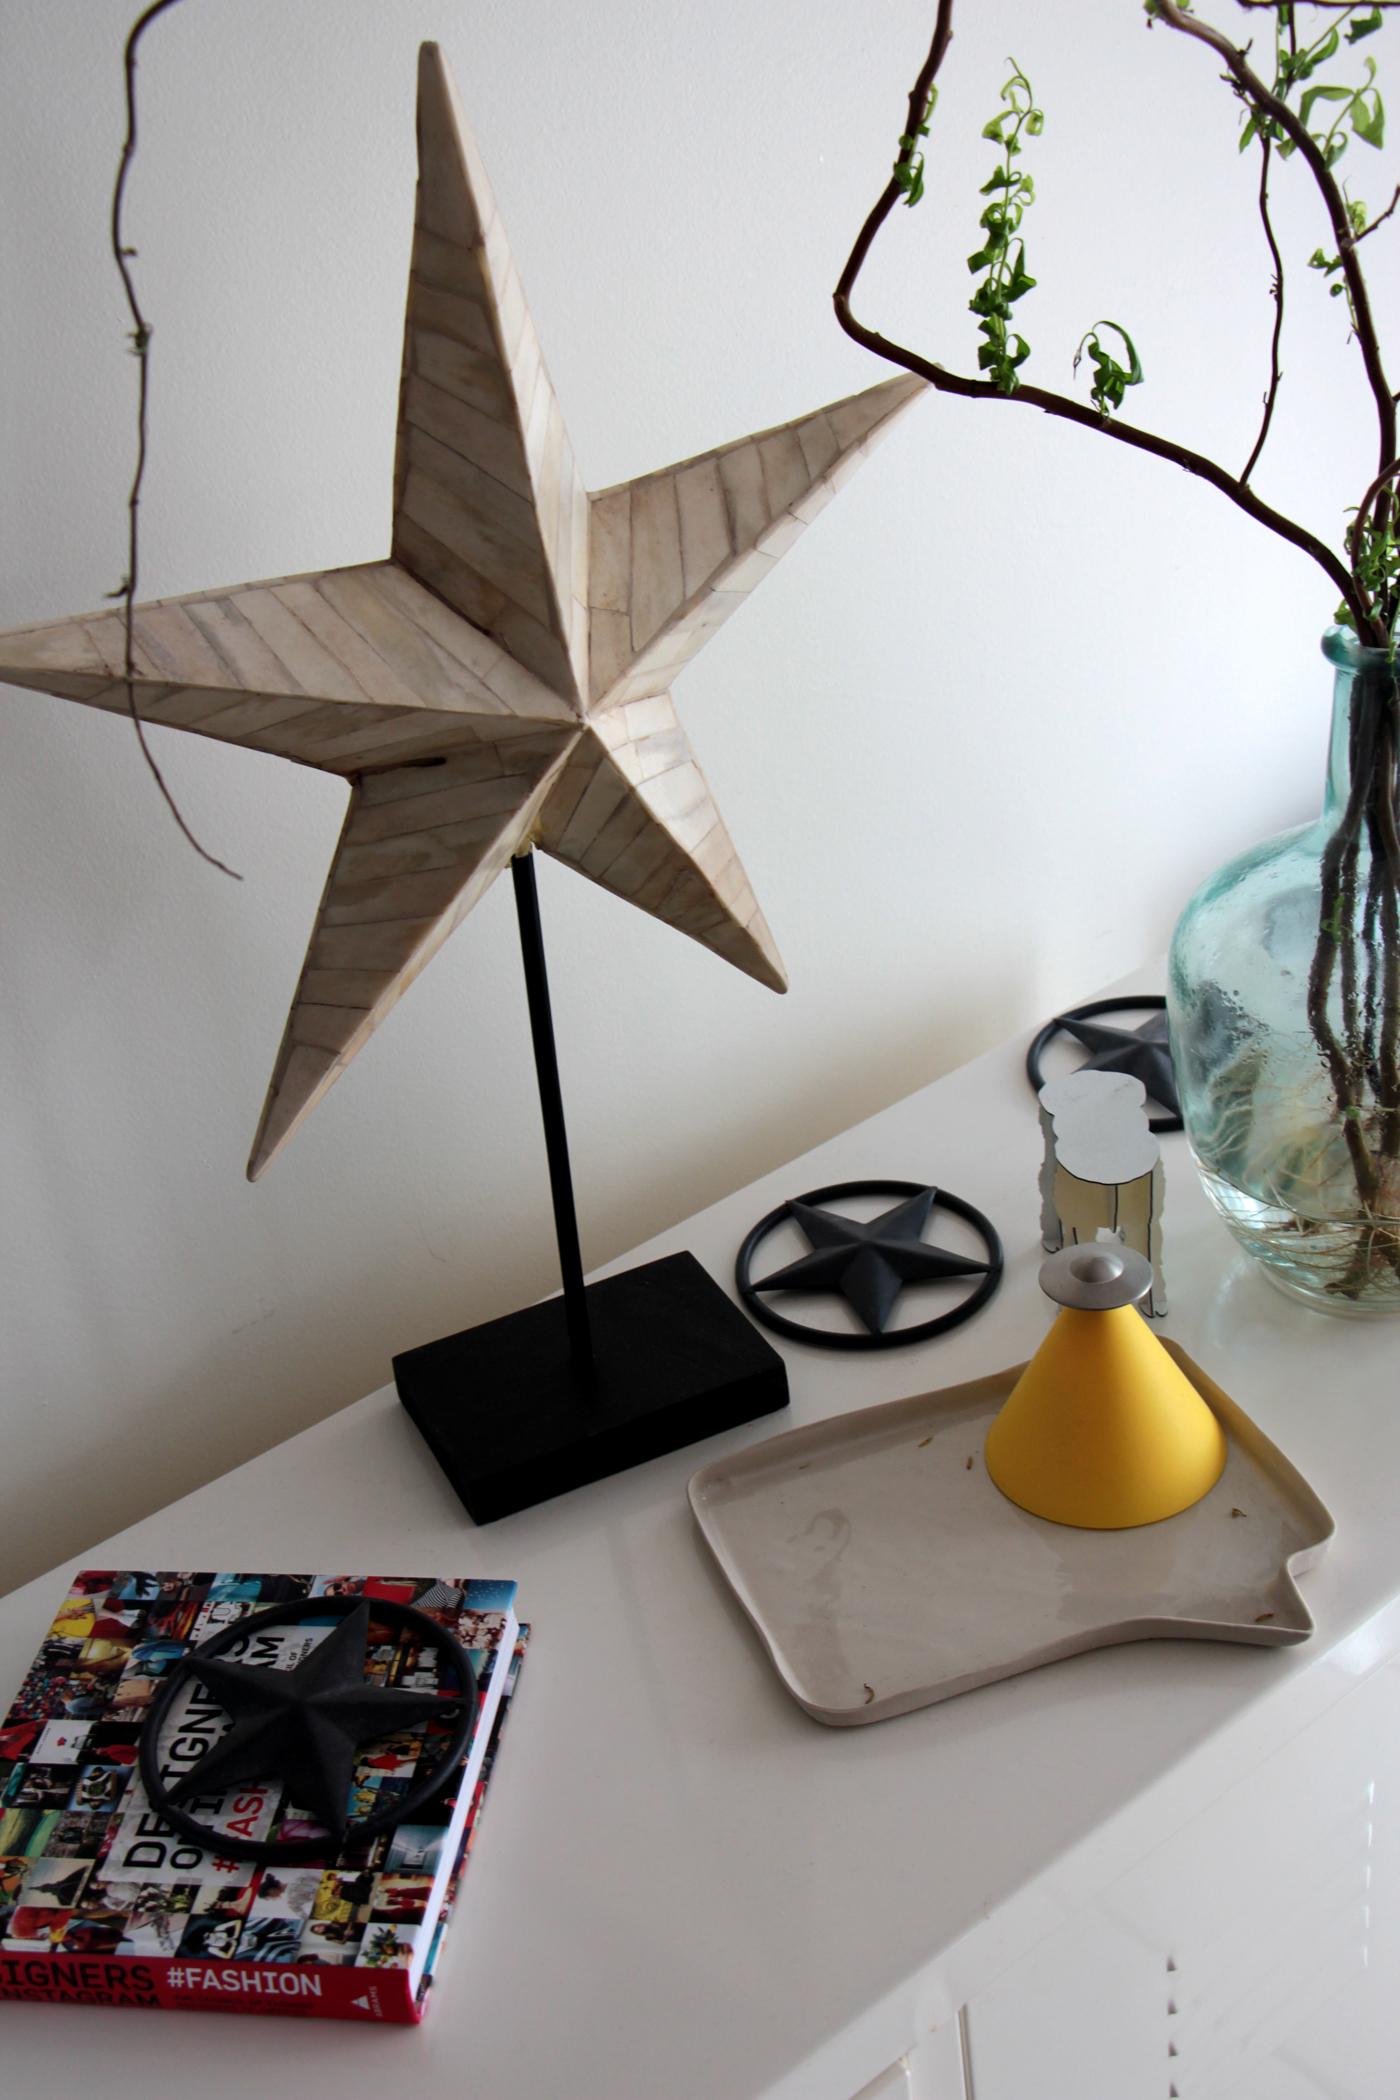 hc-interieur-blogueur-stephanie-caumont-10